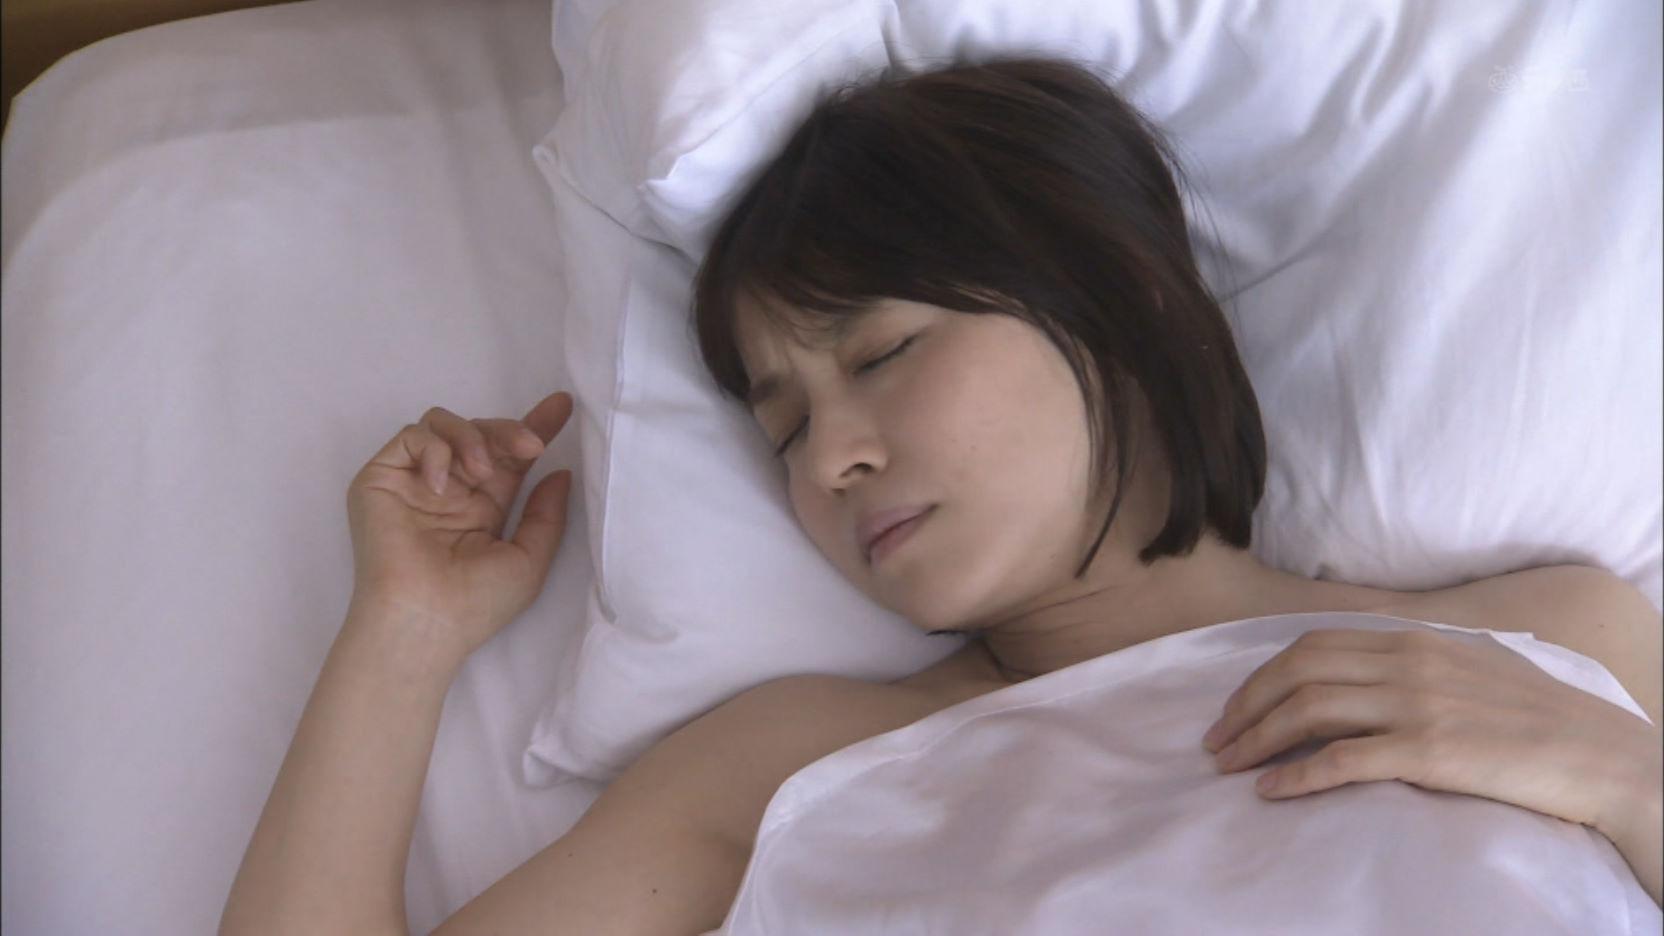 ドラマ「医師たちの恋愛事情」、上半身裸でベッドで寝る石田ゆり子